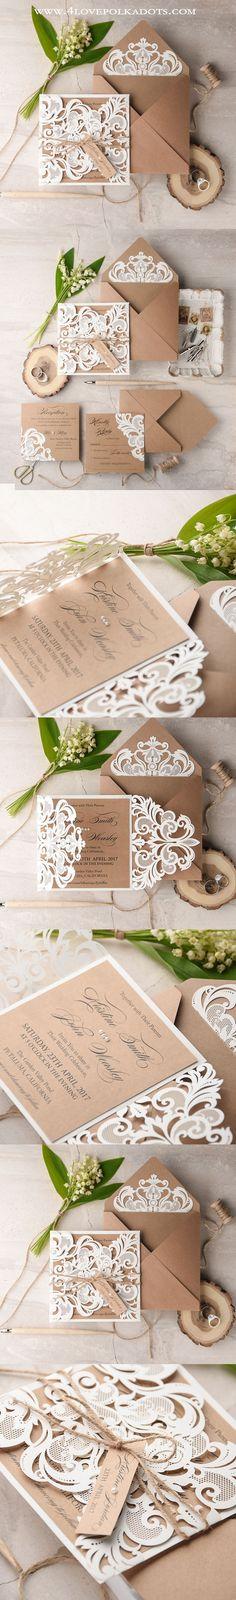 Laser cut Wedding Invitations #weddingideas #weddinginvitations